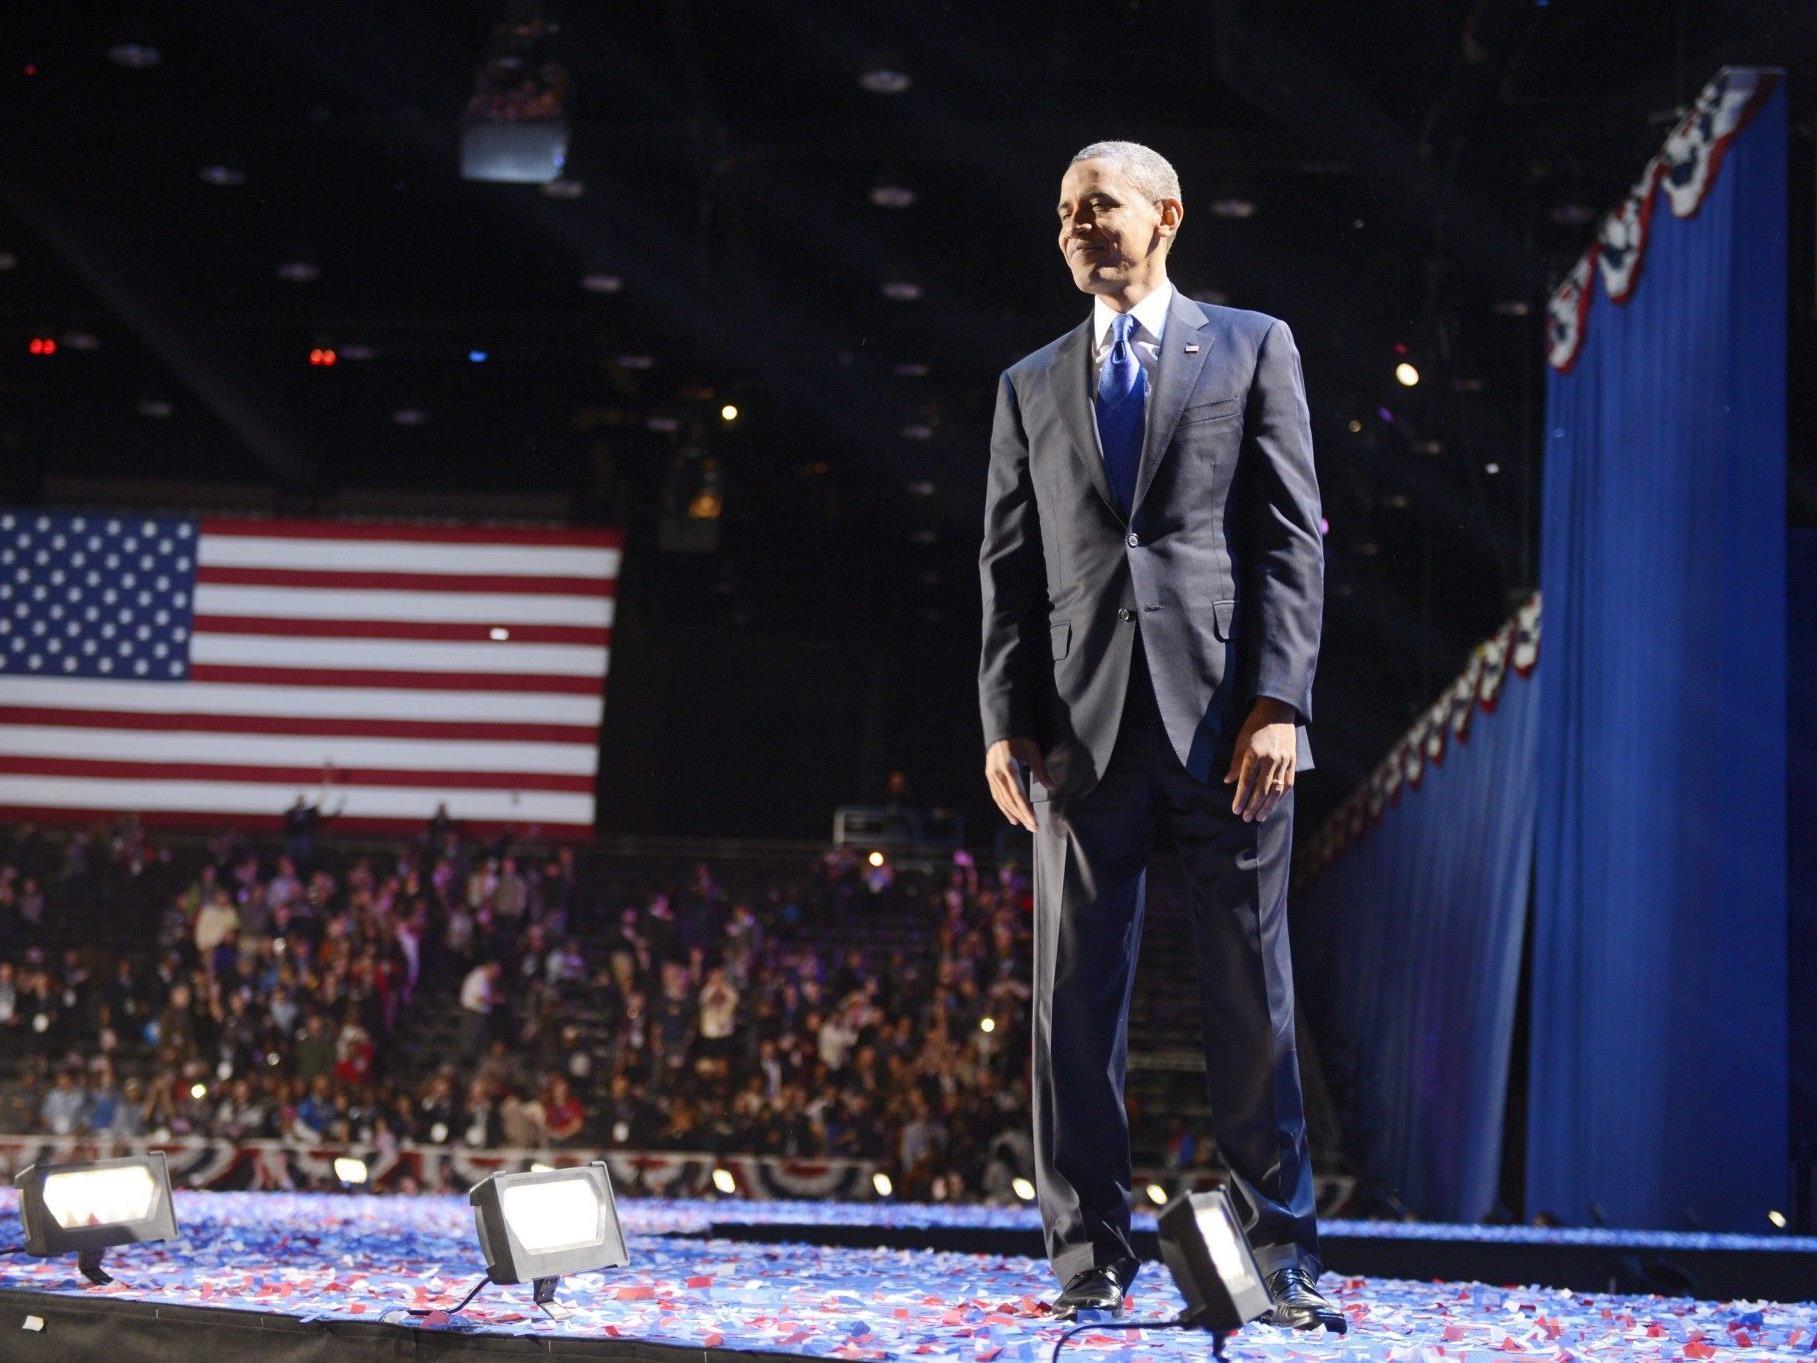 Obamas wirtschaftlicher Erfolg hängt von der Zustimmung des republikanisch dominierten Repräsentantenhauses ab.